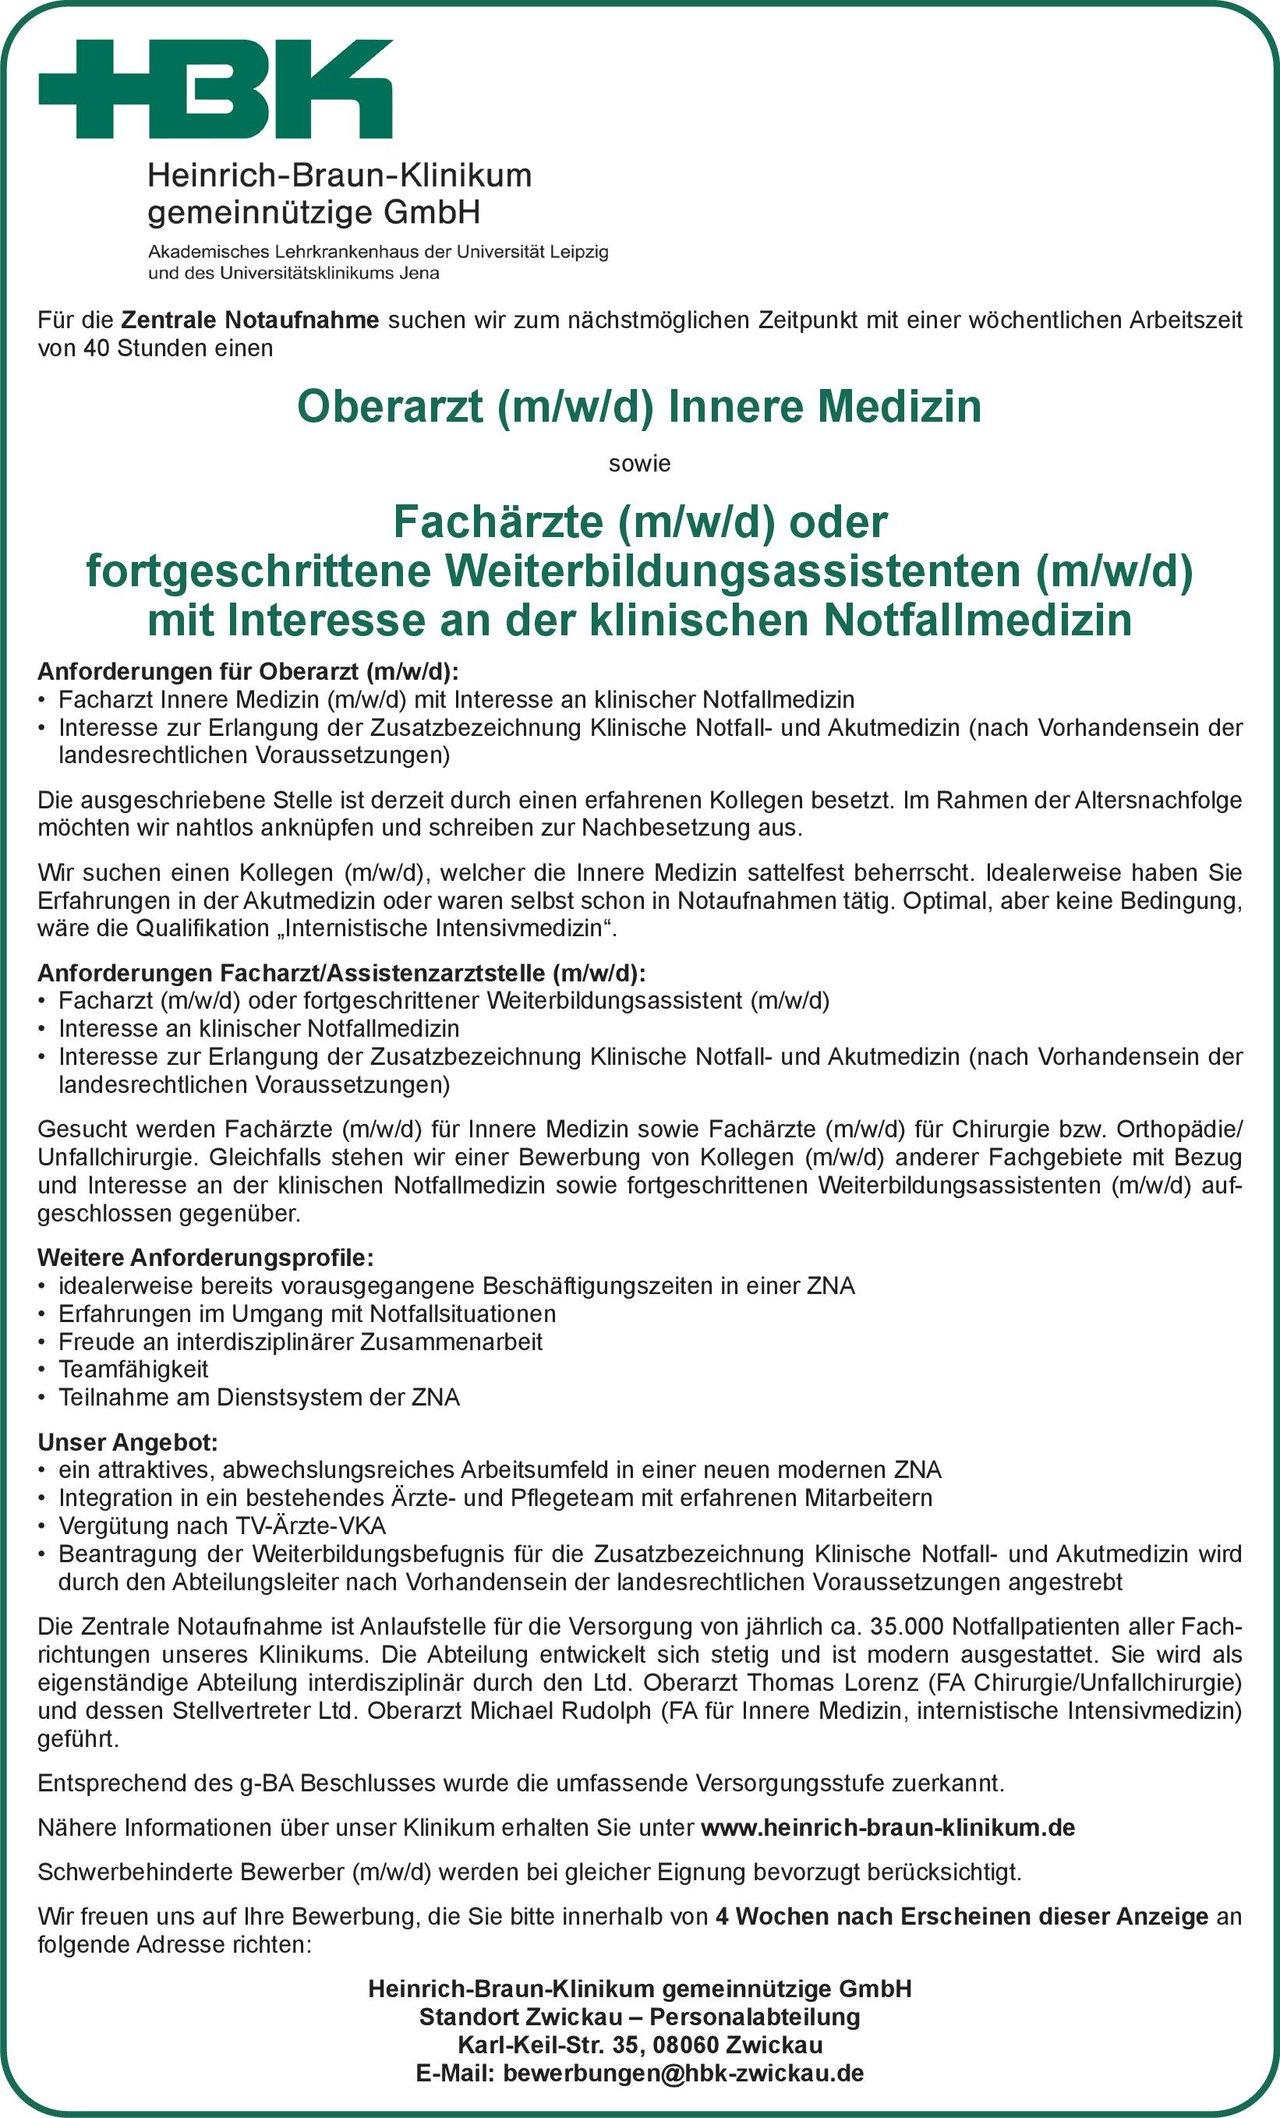 Heinrich-Braun-Klinikum gemeinnützige GmbH Oberarzt (m/w/d) Innere Medizin  Innere Medizin, Innere Medizin Oberarzt